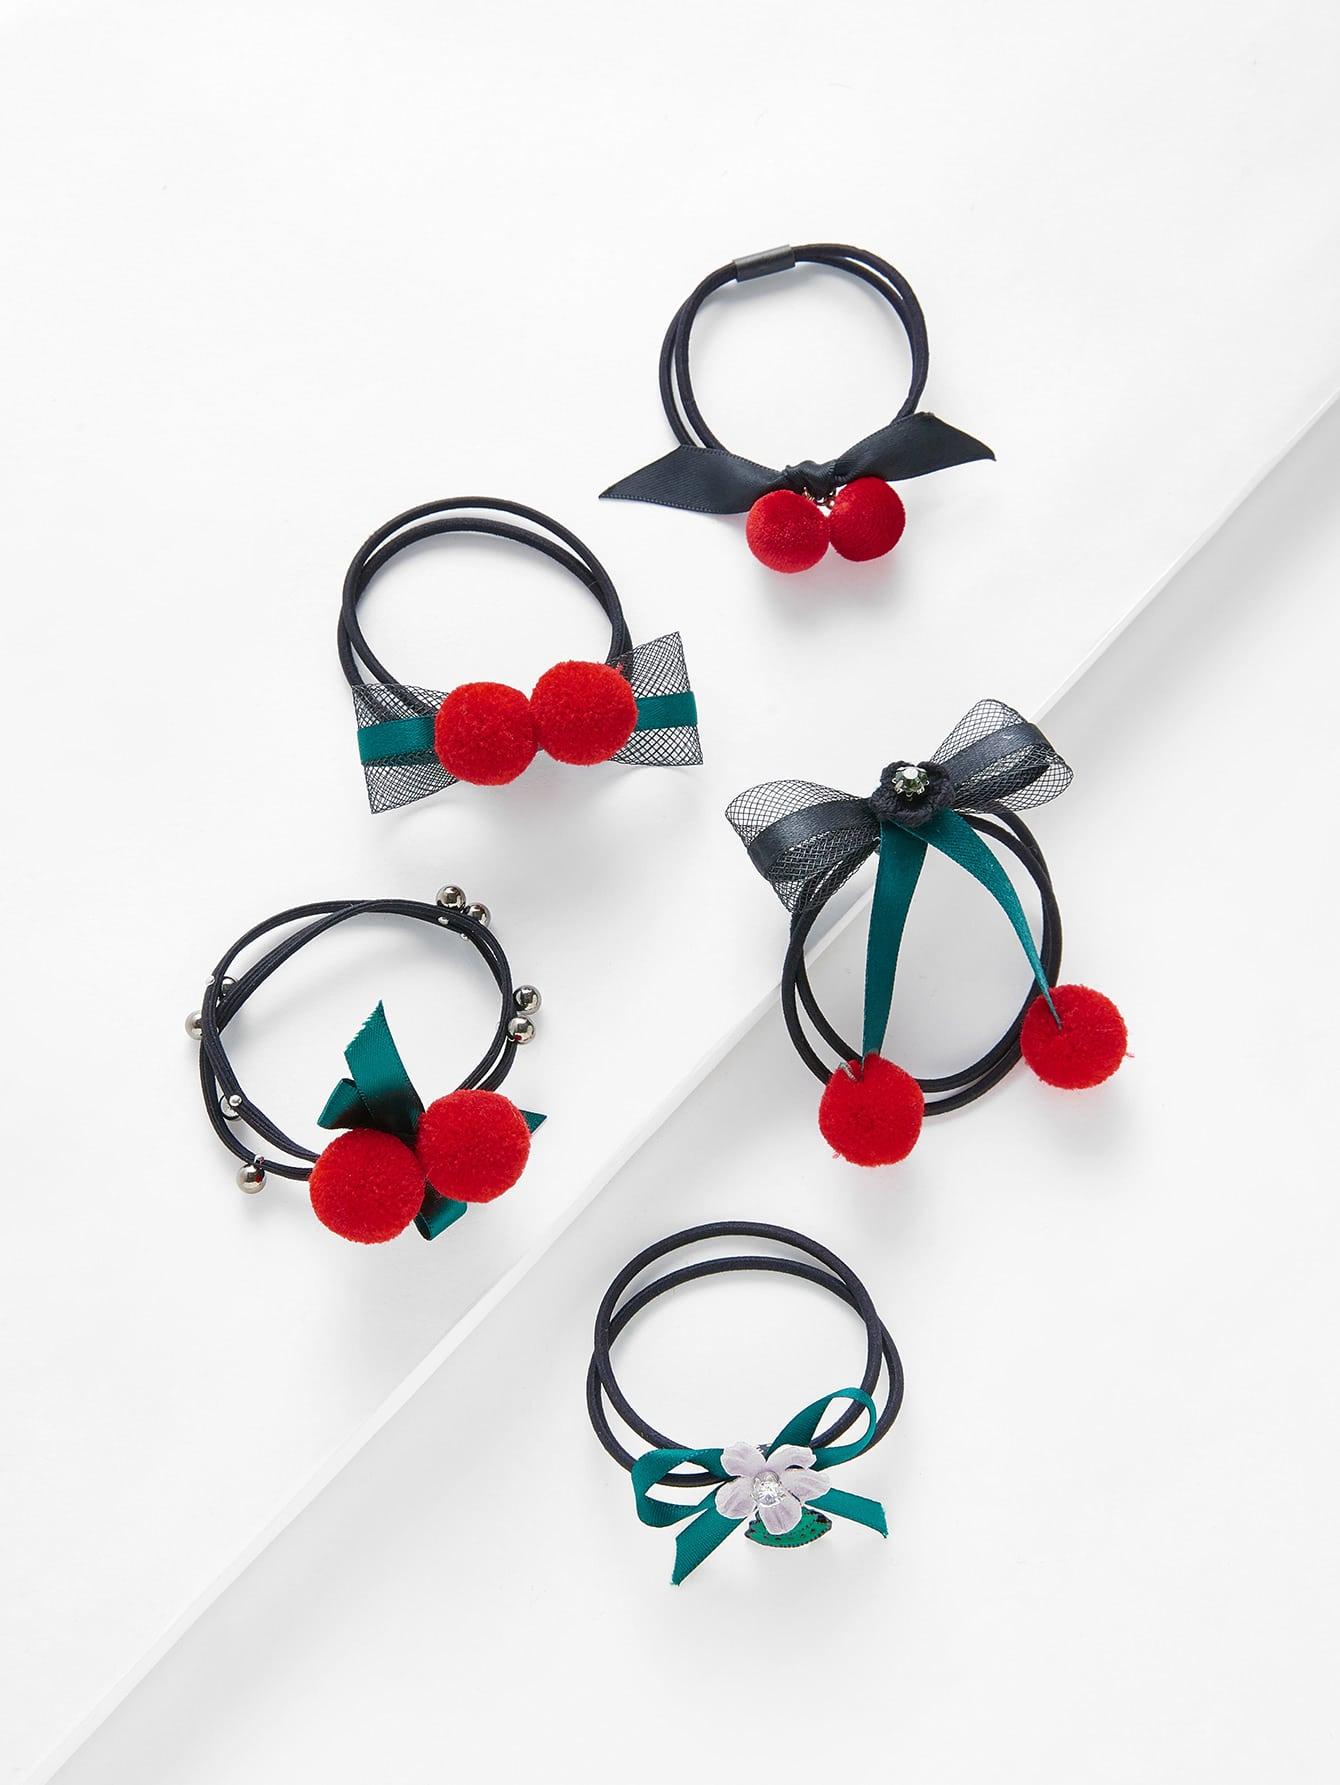 Bow Pom Pom Hair Tie 5pcs pom pom decorated hair tie